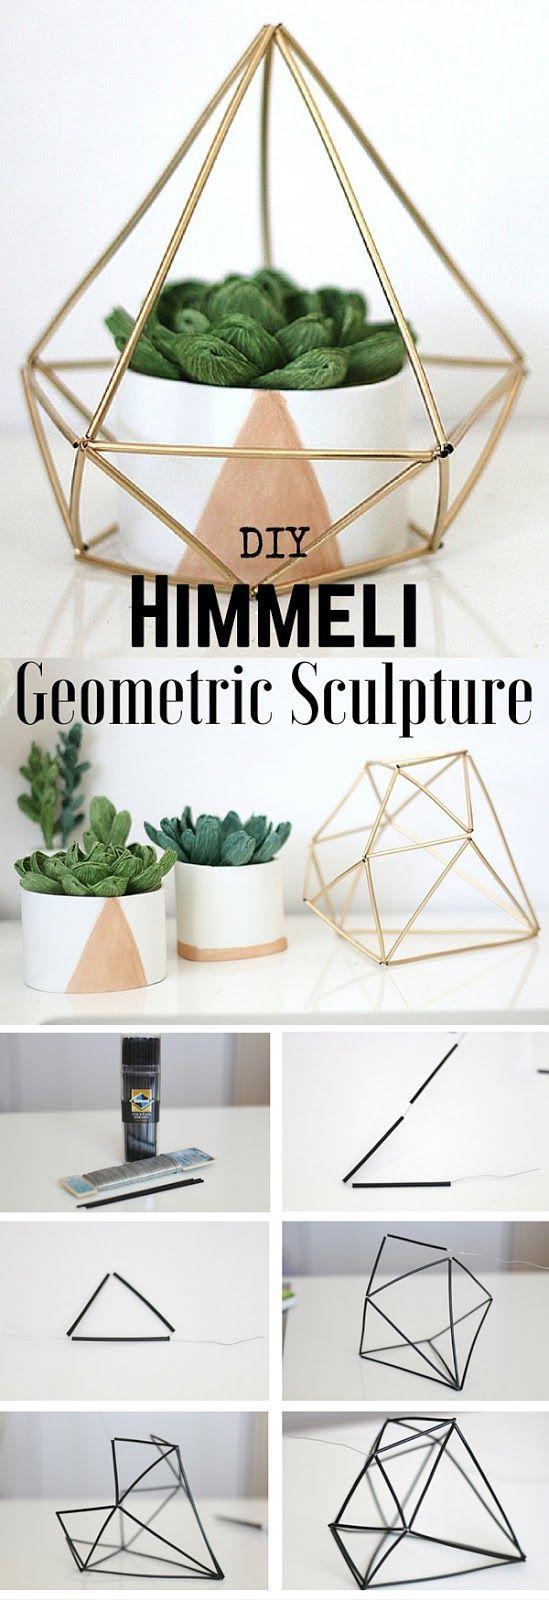 Easy Diy Home Decor Ideas – Erstellen Sie Ihre eigene geometrische Skulptur